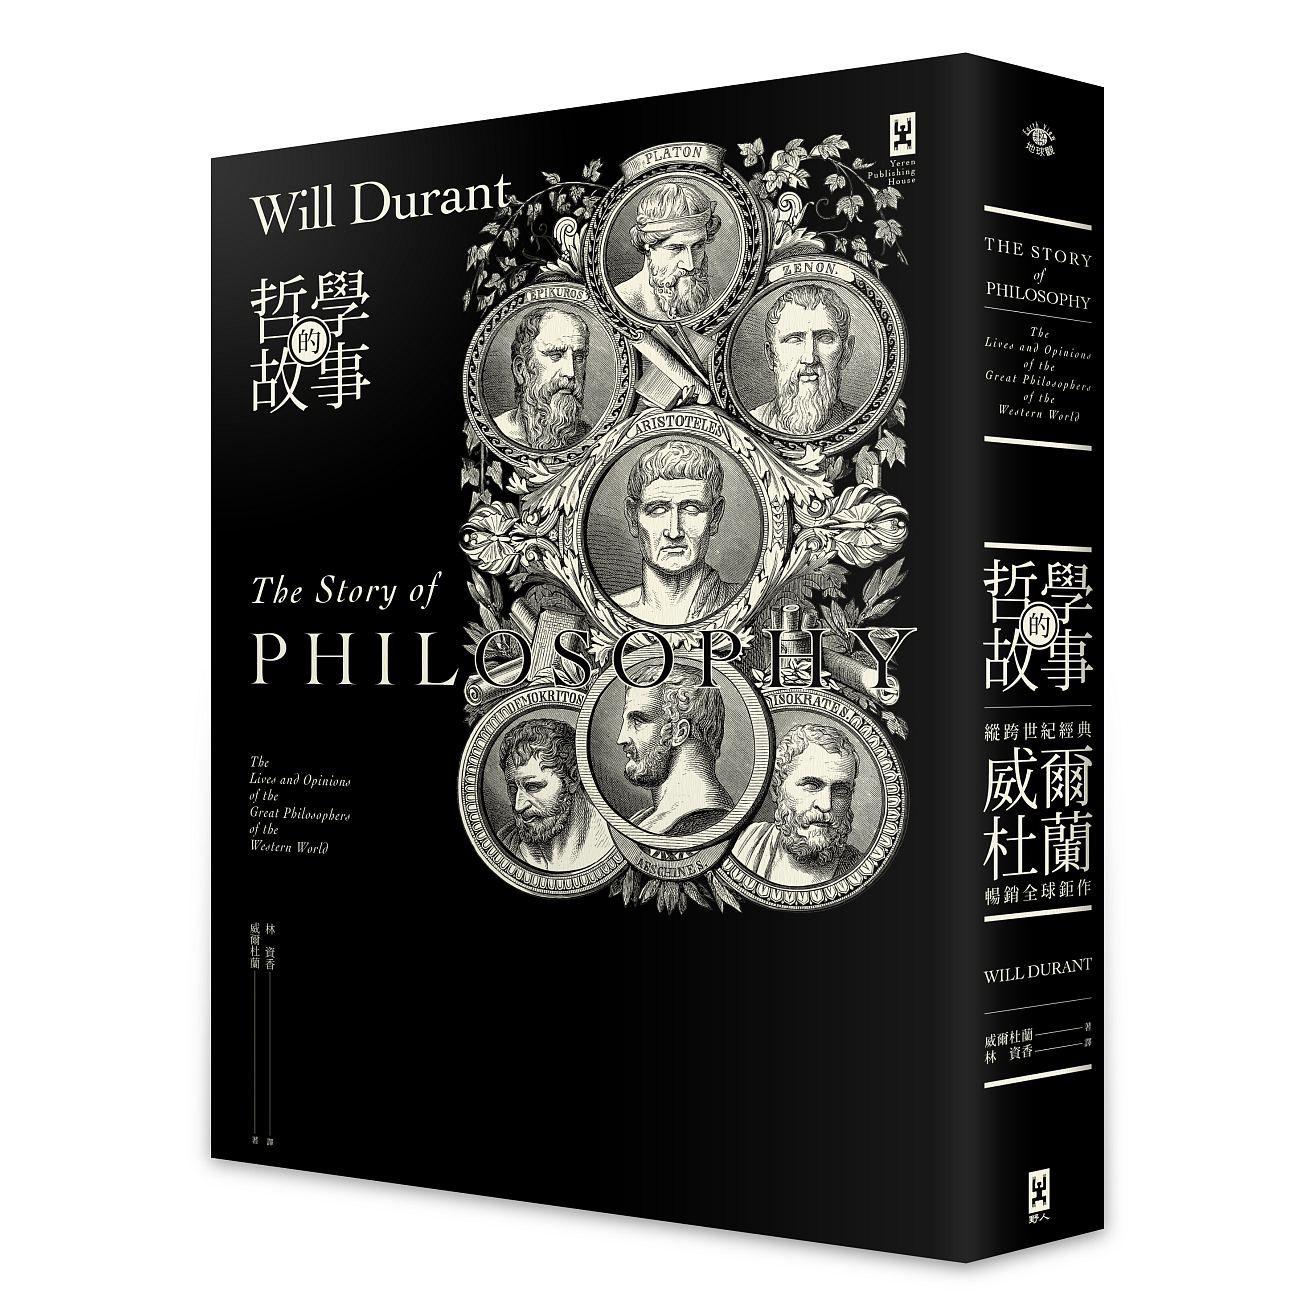 哲學的故事 跨世紀經典 威爾杜蘭暢銷全球鉅作 The Story Of Philosophy The Lives And Opinions Of The Great Philosophers Of The Western Worl Great Philosophers Book Cover Philosophy